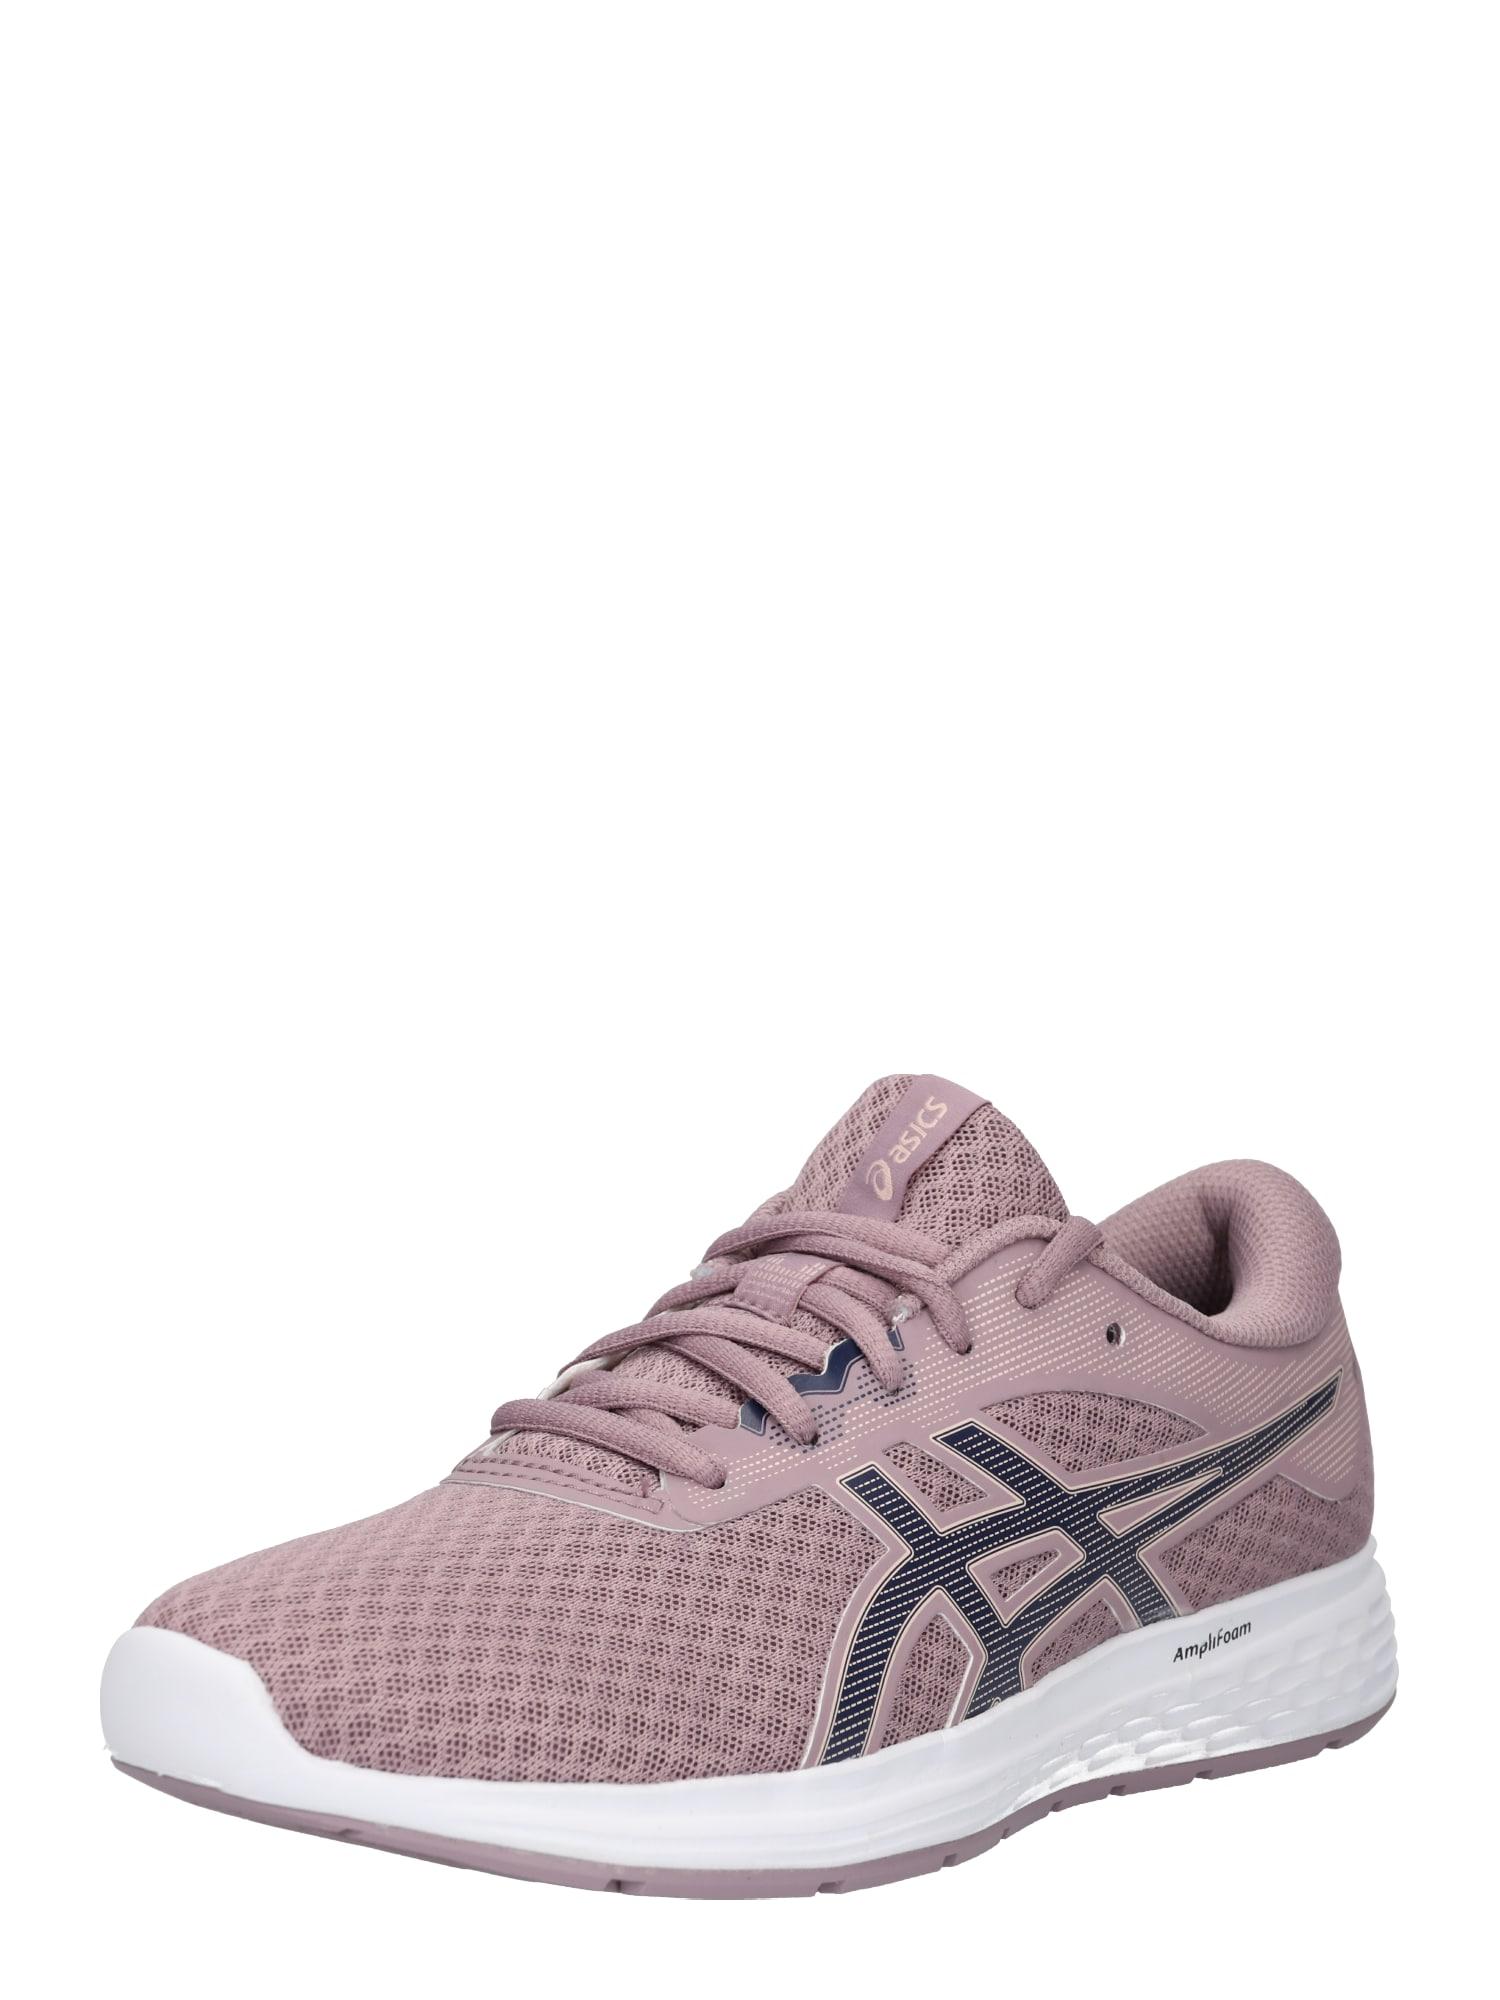 Sportovní boty PATRIOT 11 fialová šeříková ASICS